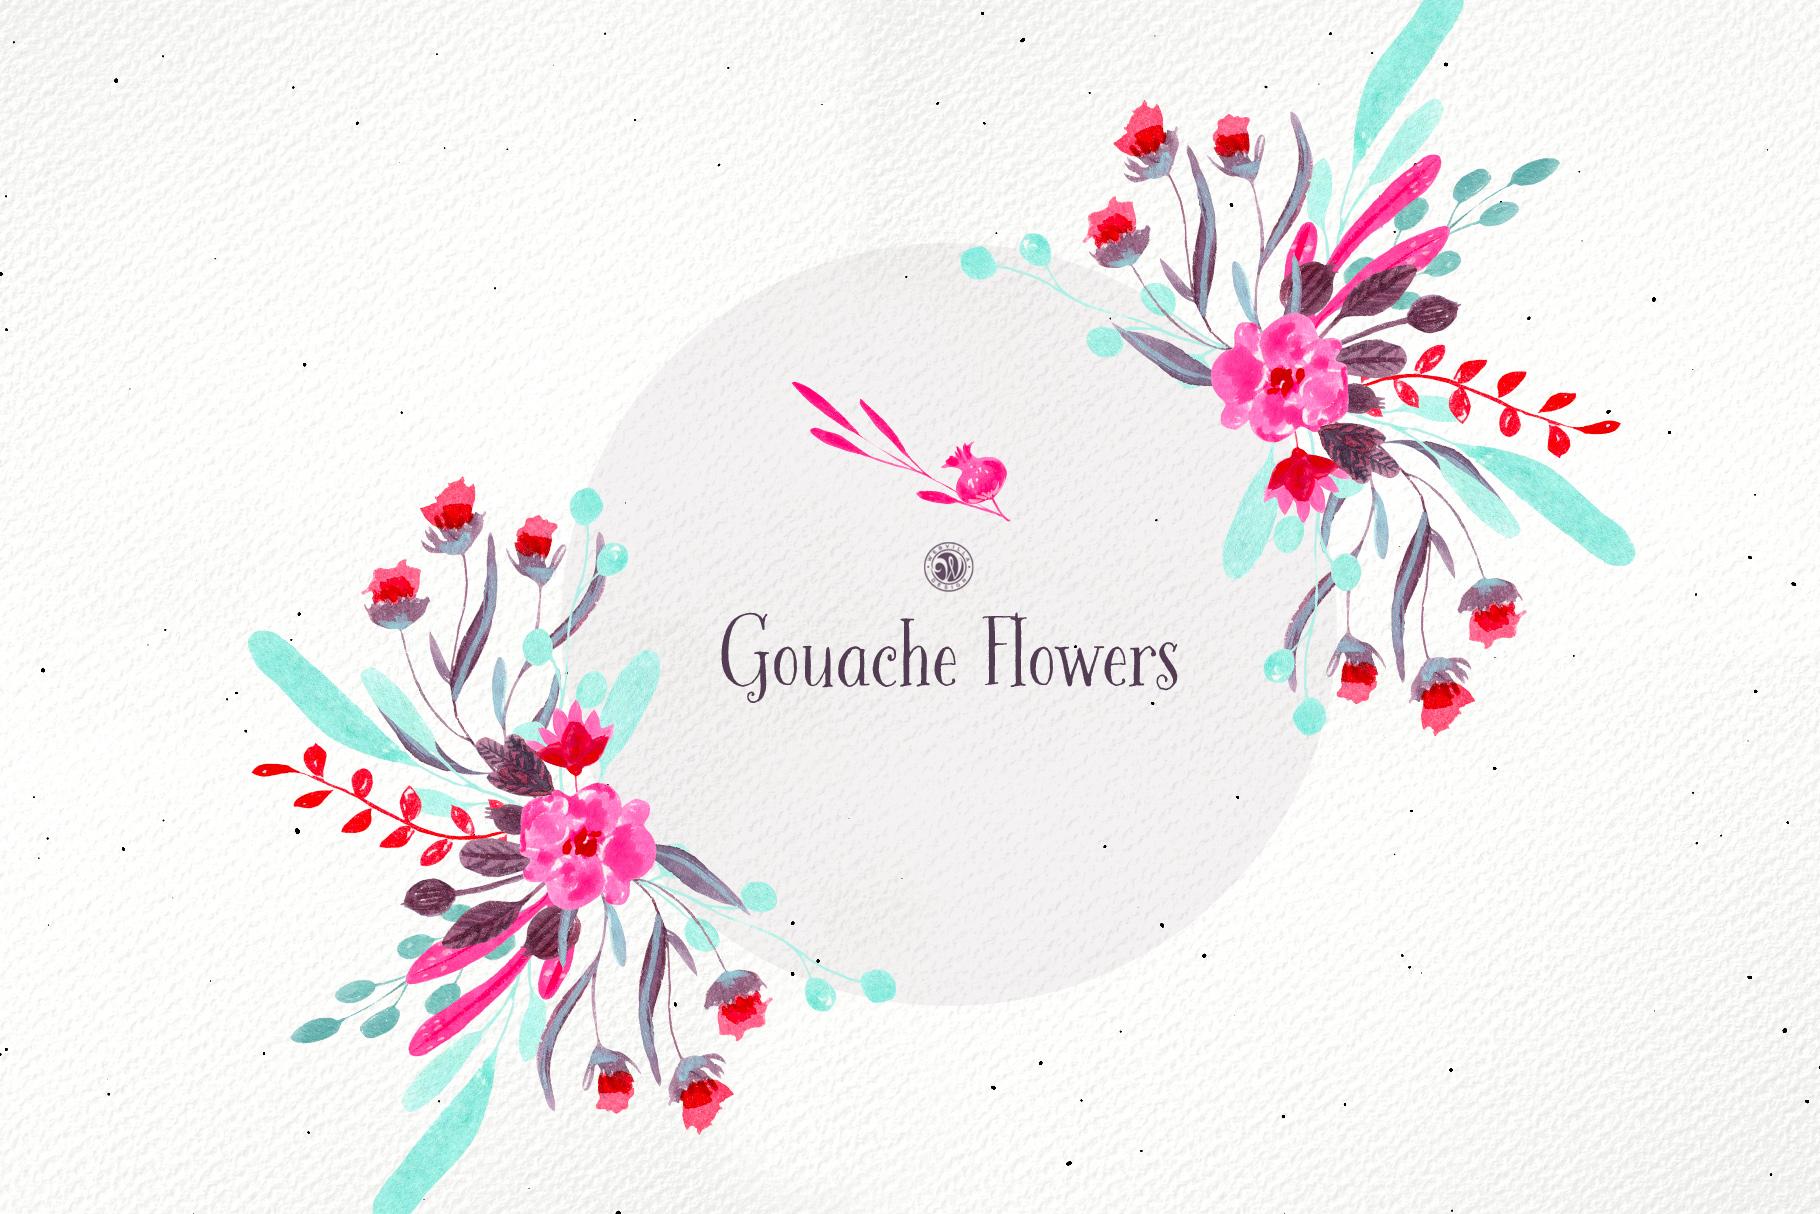 Gouache Flowers example image 3